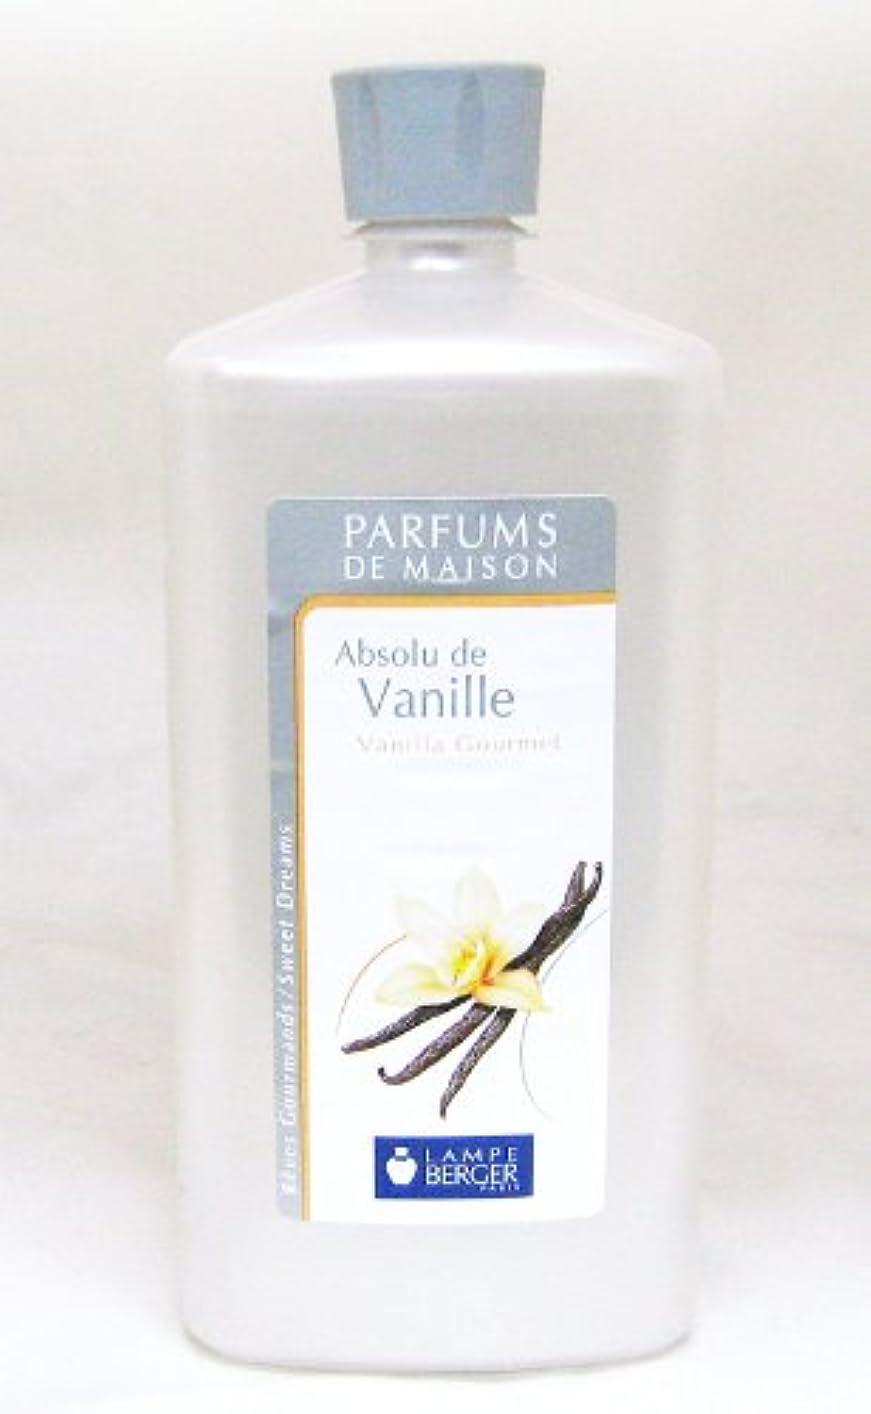 一族別れるアストロラーベランプベルジェ フランス版 1000ml アロマオイル バニラ Absolu de Vanille